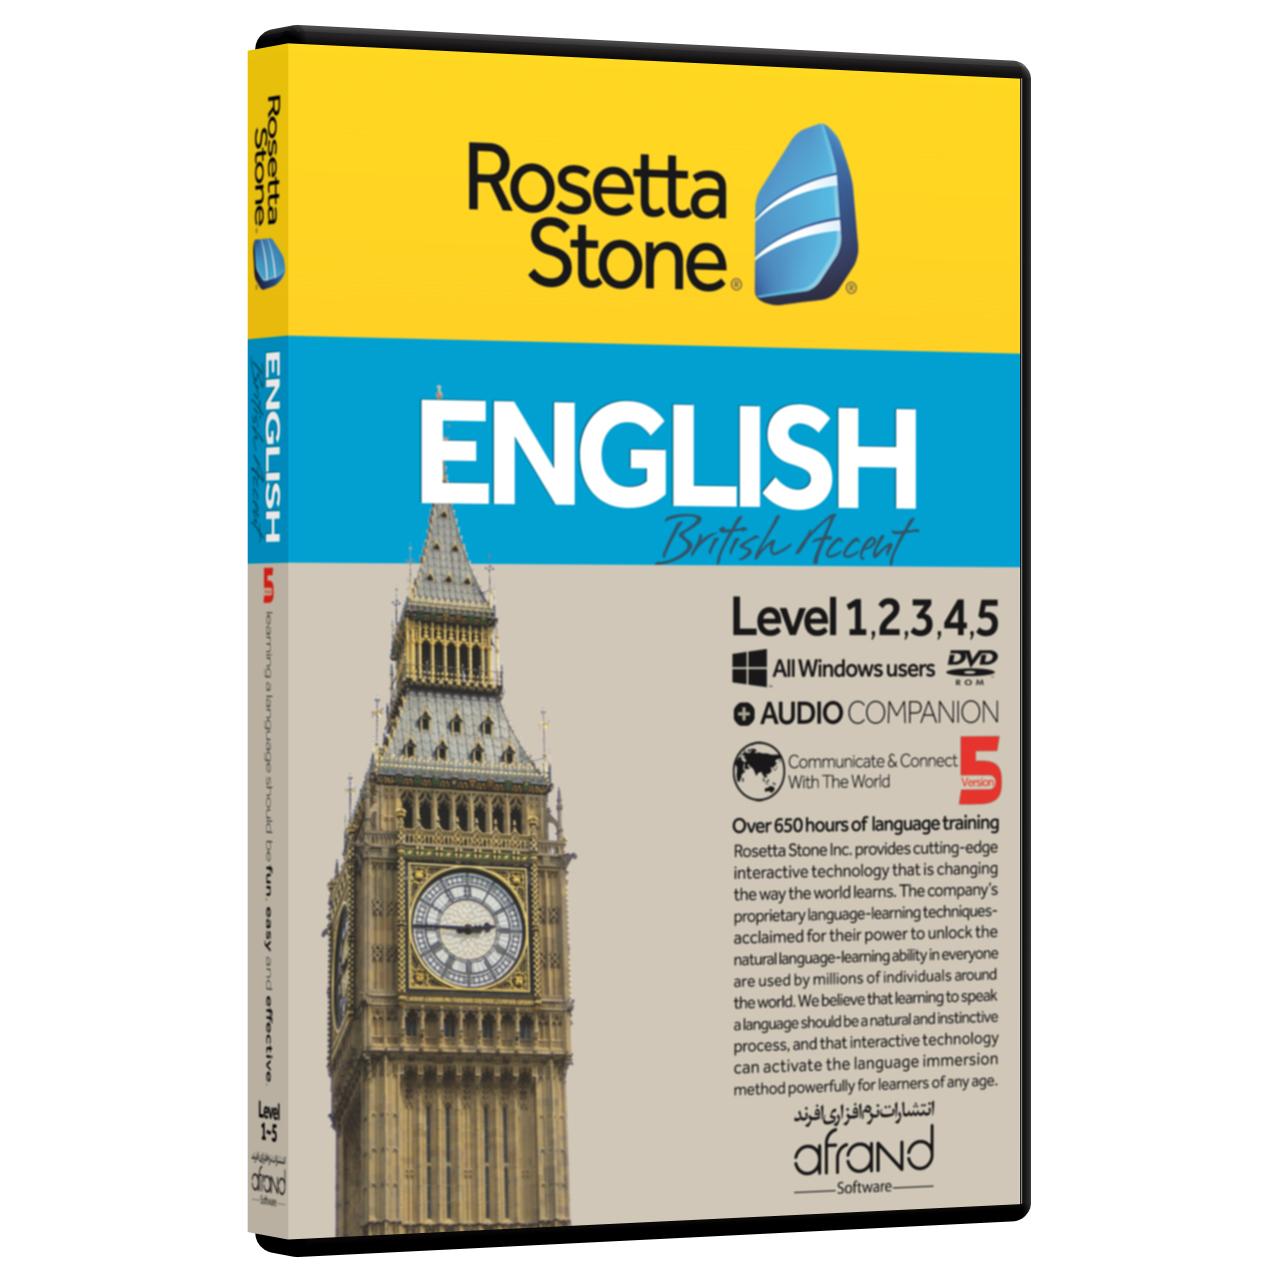 نرم افزار آموزش زبان انگلیسی رزتااستون لهجه انگلیسی نسخه 5 انتشارات نرم افزاری افرند